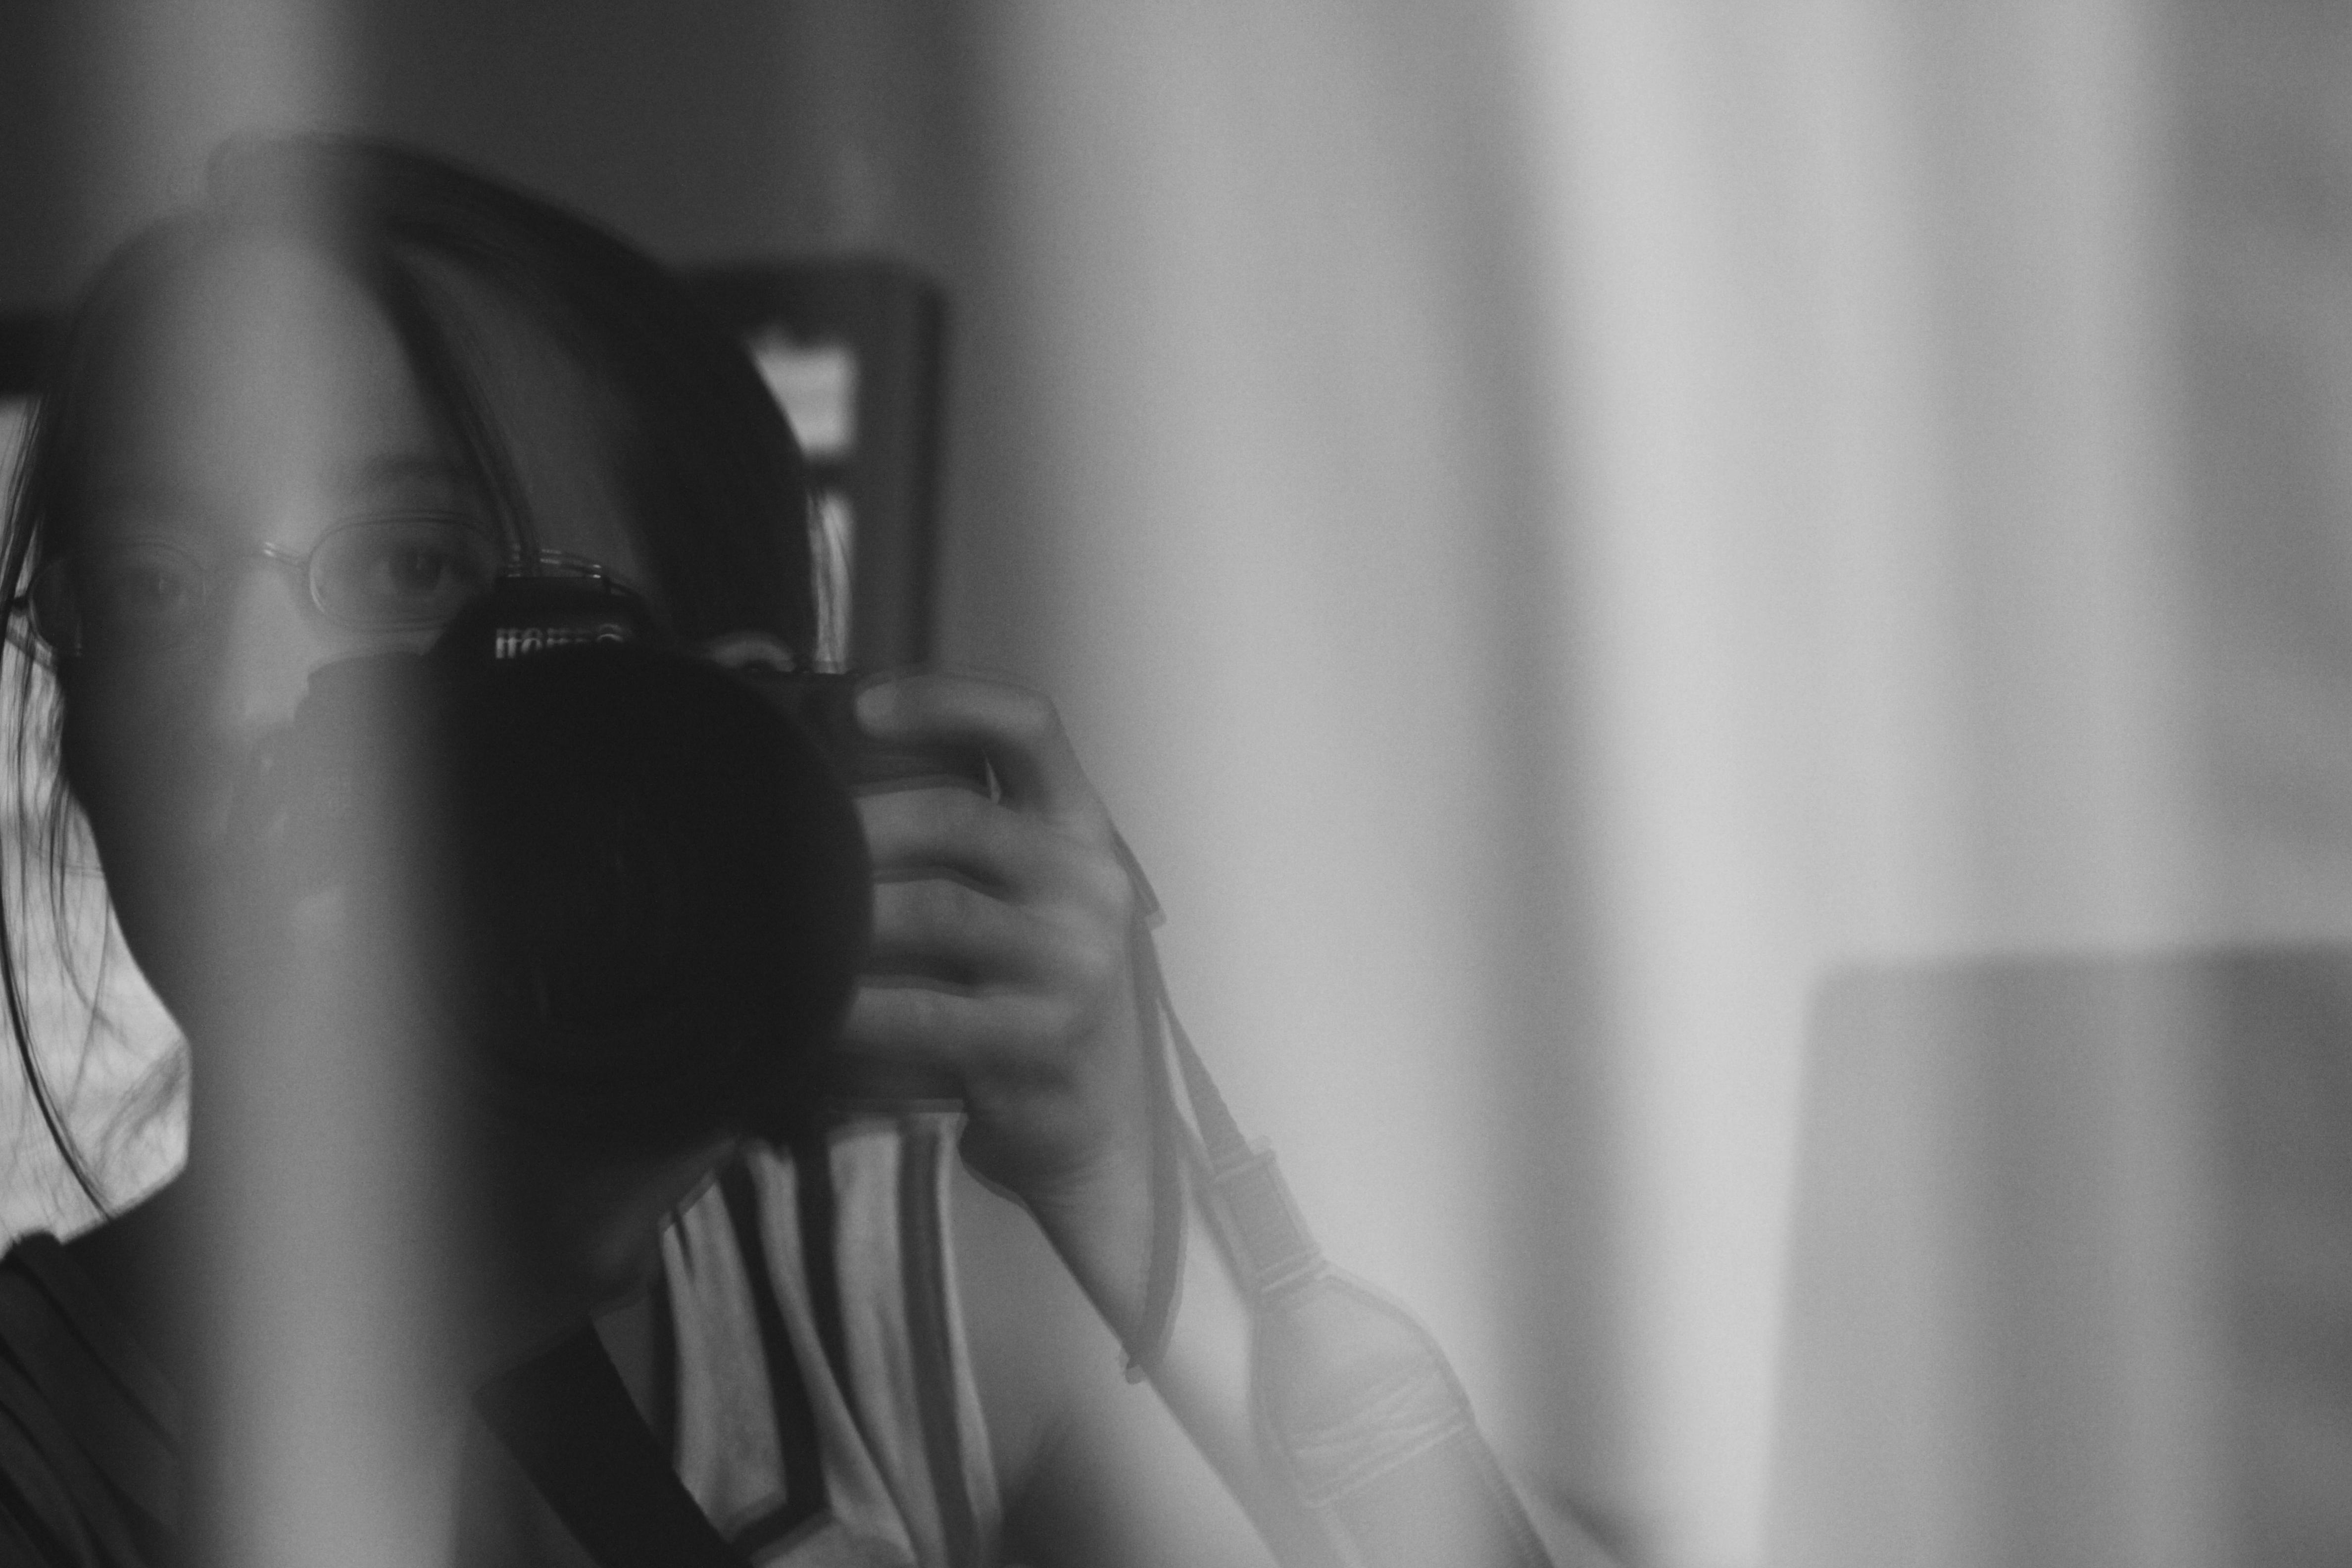 autoportrait dans une vitre avec reflet, noir-blanc